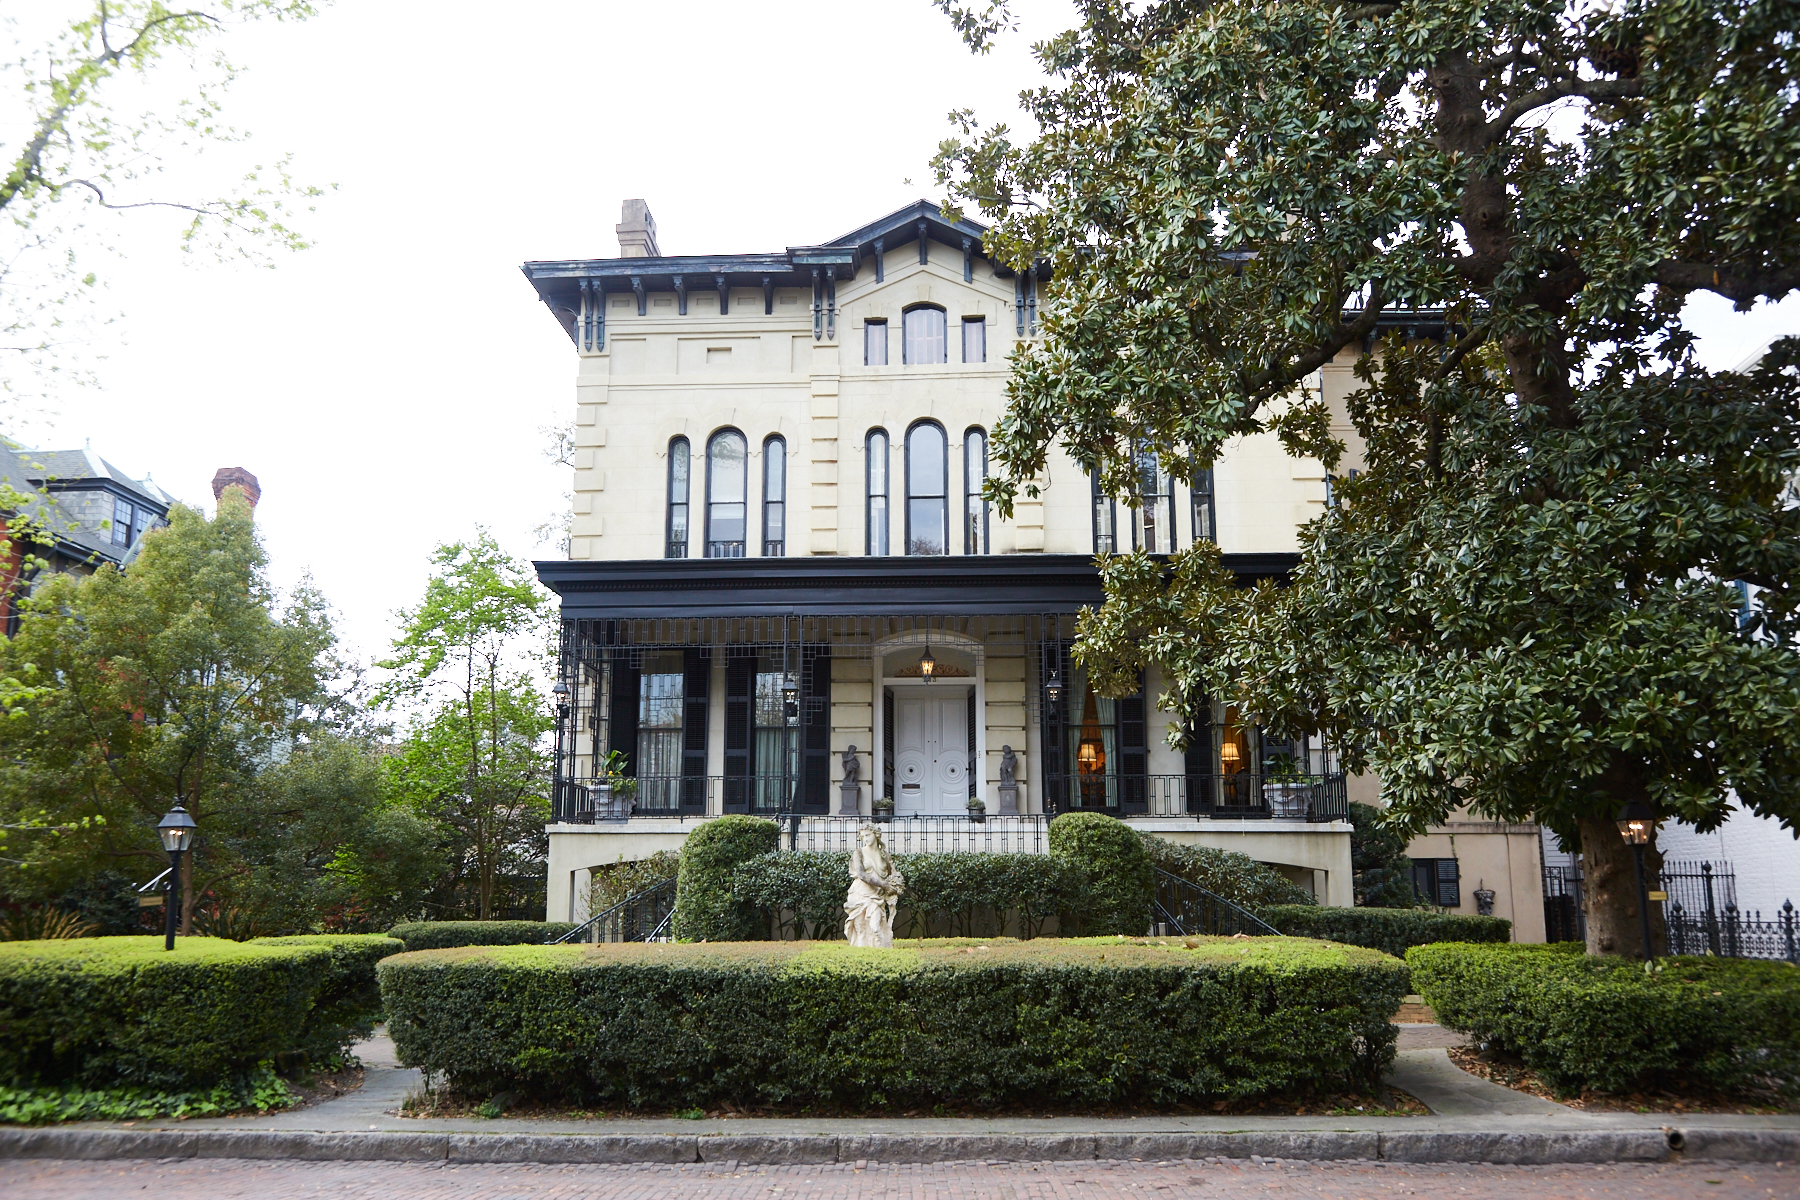 多戶家庭房屋 為 出售 在 213 East Hall Street 213 East Hall Street Savannah, 喬治亞州 31401 美國